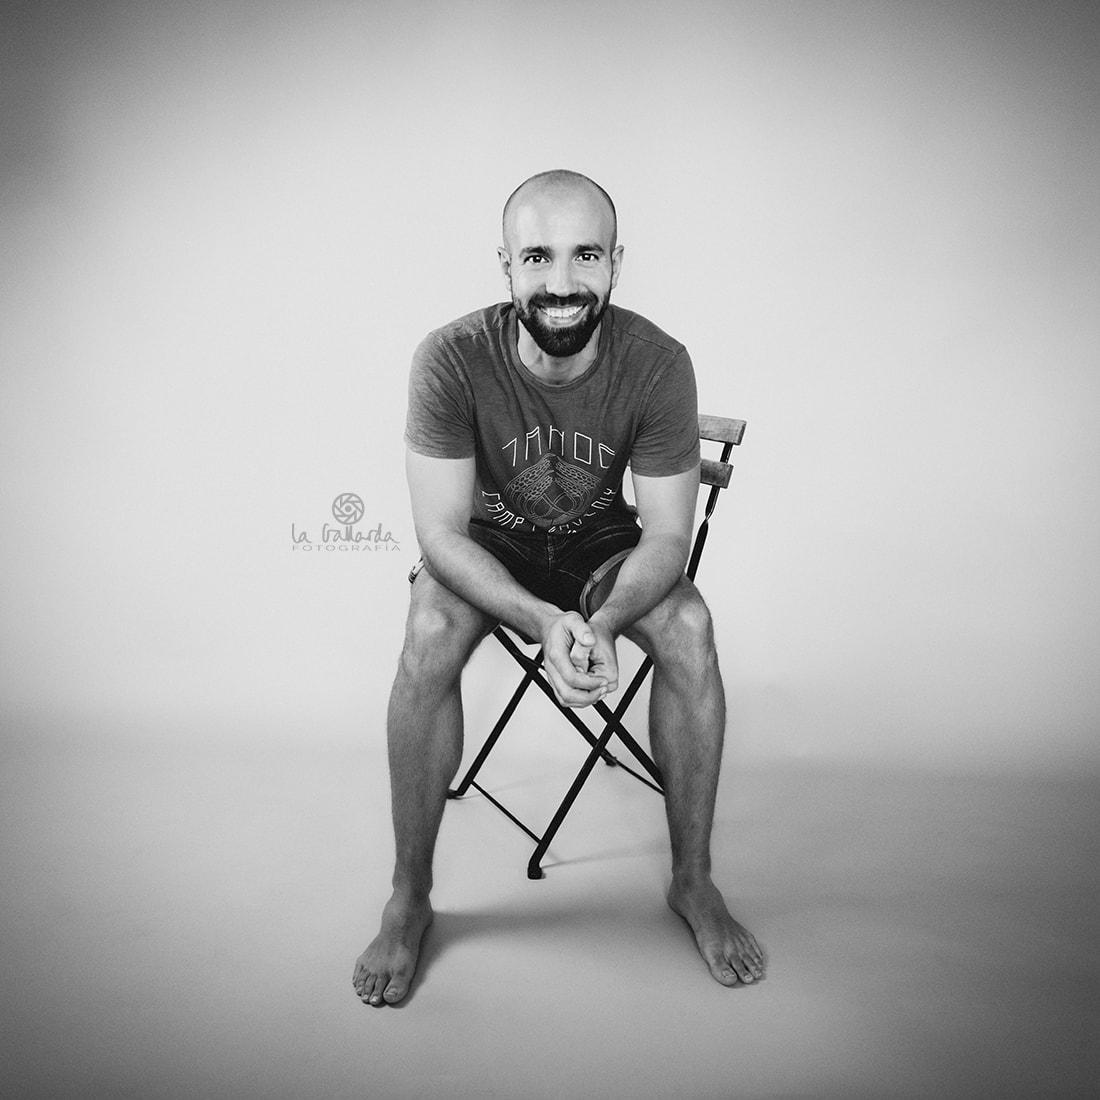 La Gallarda-estudio-fotografico-Malaga-Alhaurin-photographer- fotografo -retrato masculino